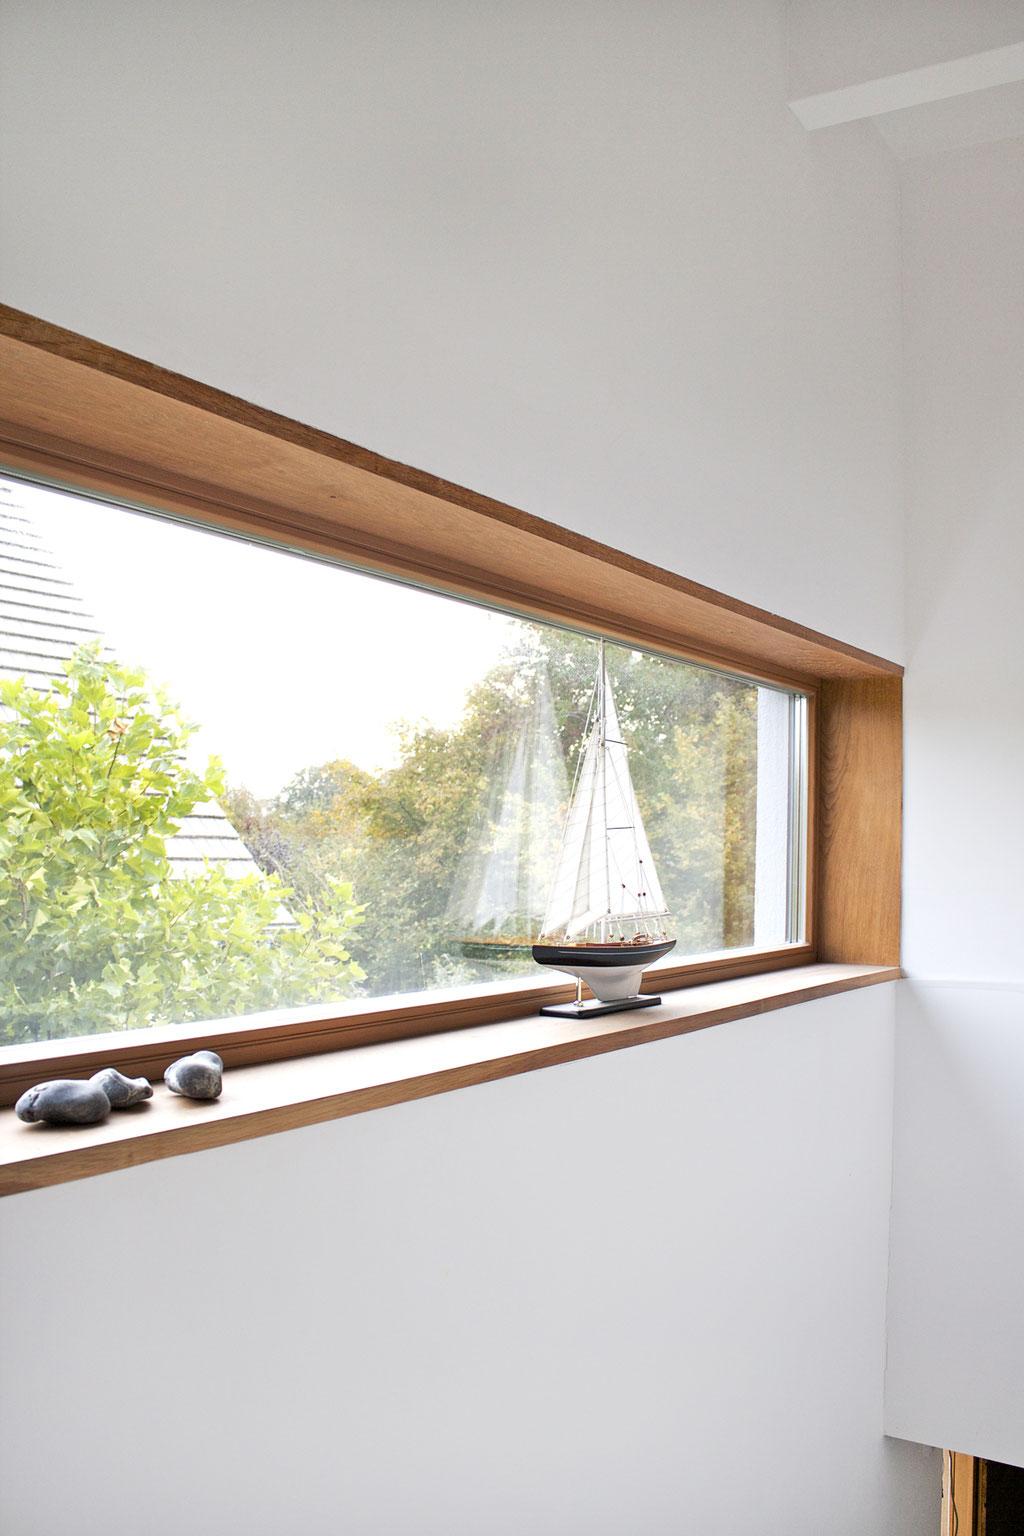 dieartige - langes Fensterband im Flur-Treppenbereich